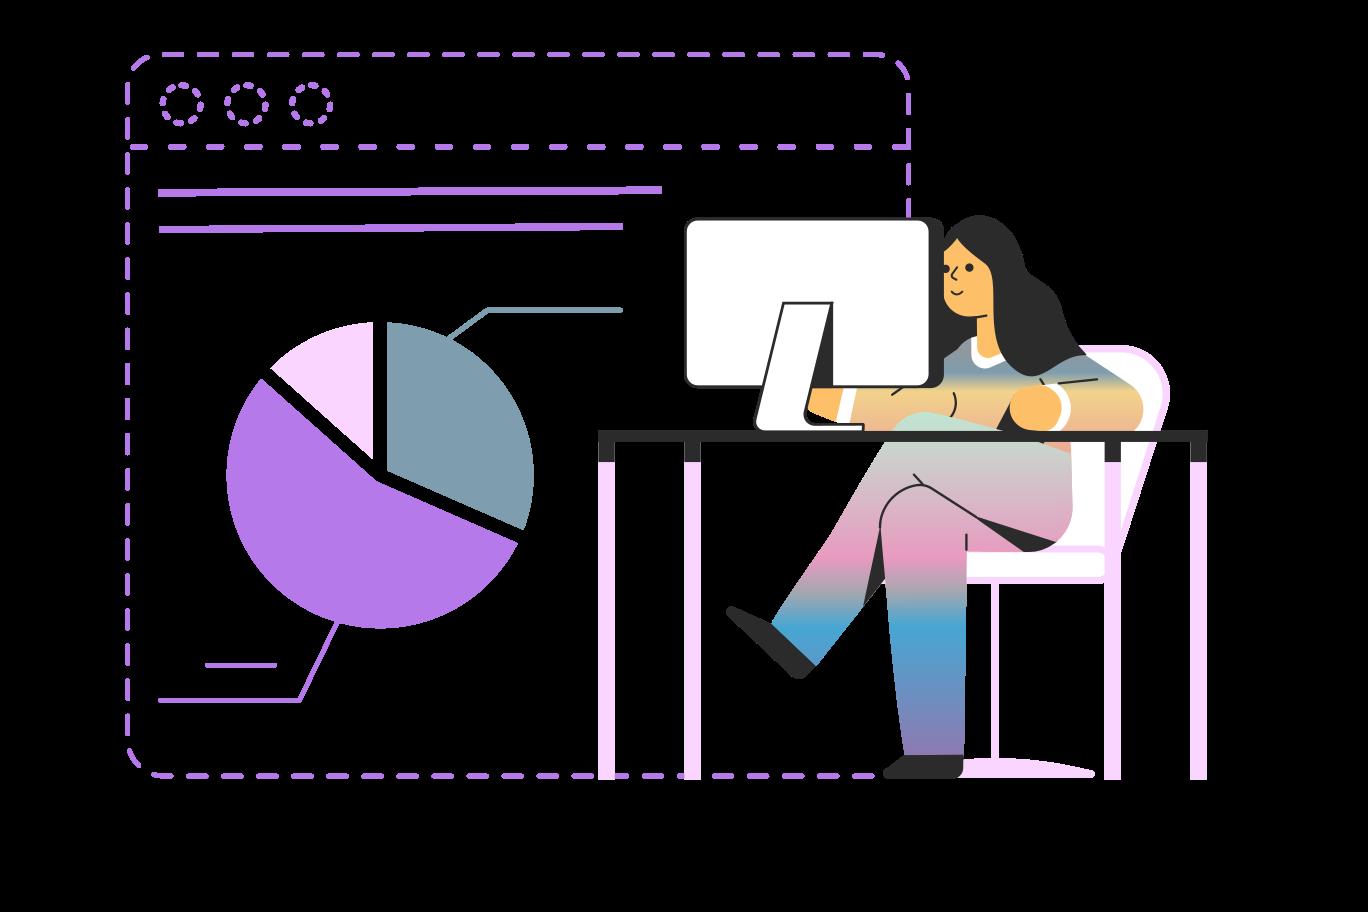 PNGとSVGの  スタイルの 財務報告 ベクターイメージ | Icons8 イラスト